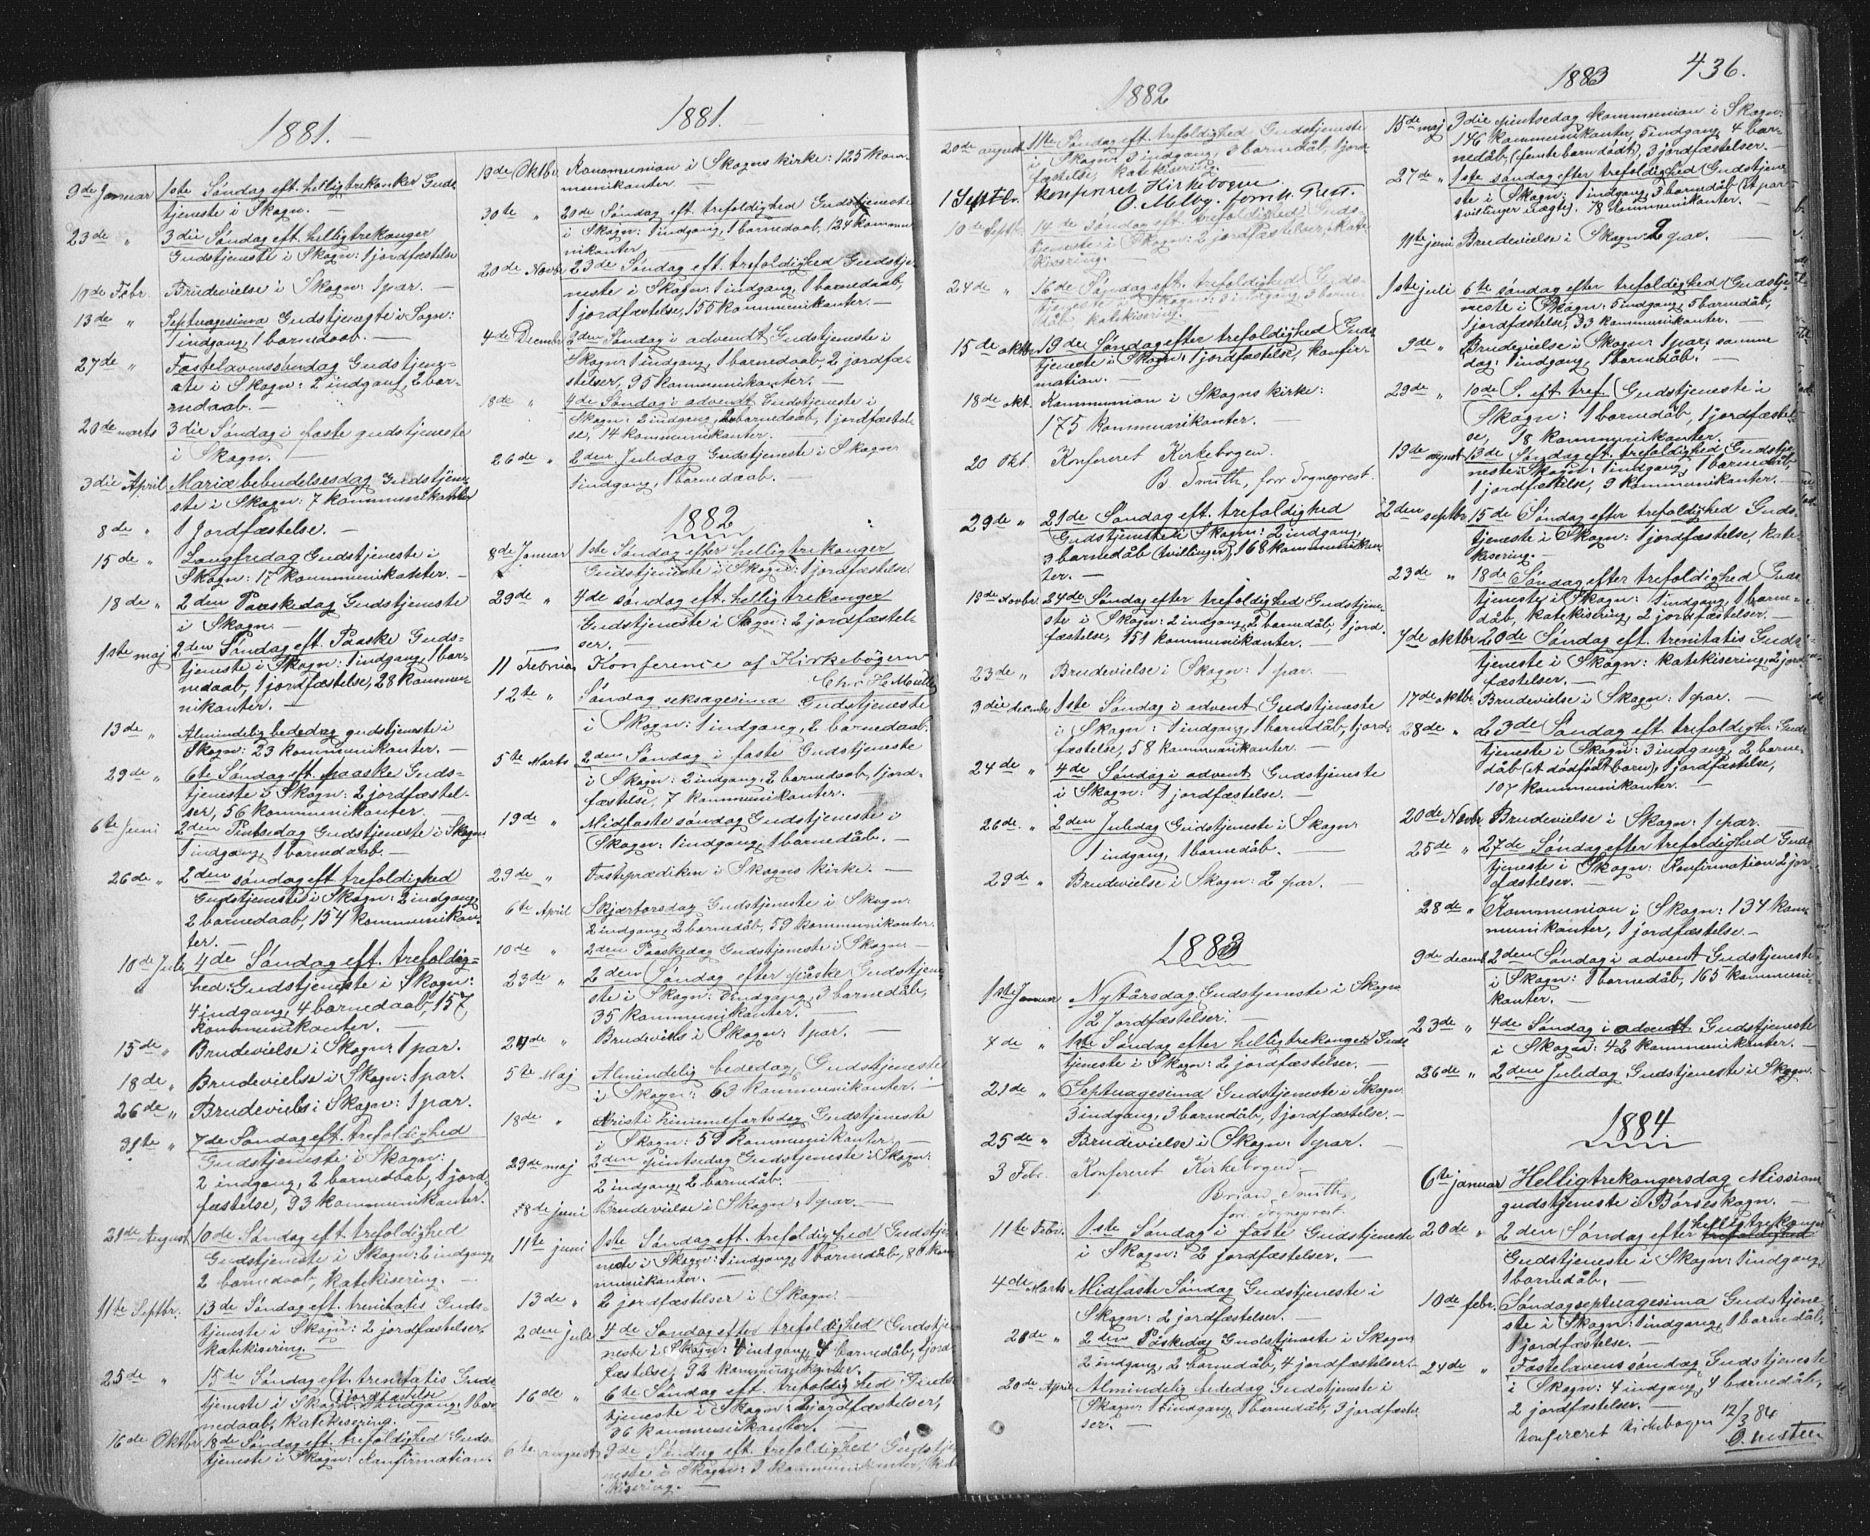 SAT, Ministerialprotokoller, klokkerbøker og fødselsregistre - Sør-Trøndelag, 667/L0798: Klokkerbok nr. 667C03, 1867-1929, s. 436